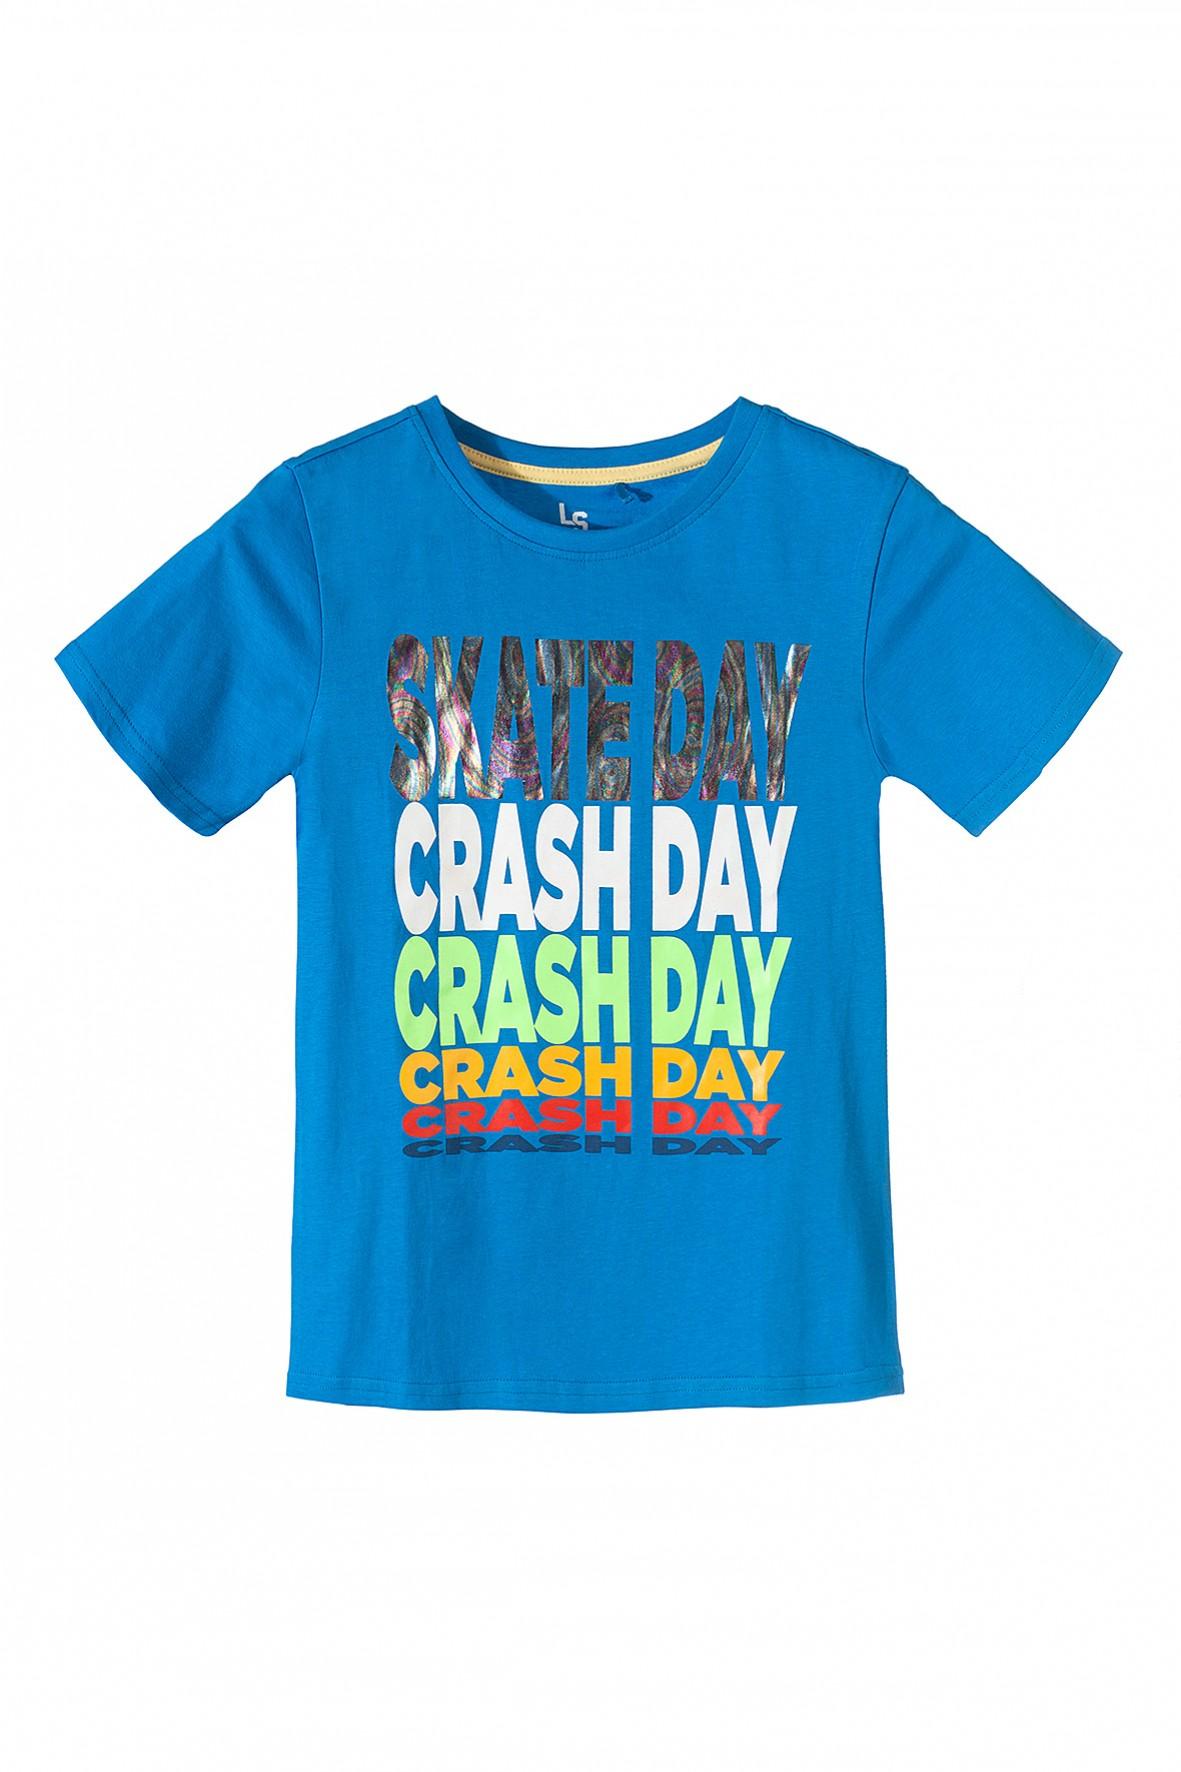 T-shirt chłopięcy niebieski z napisami